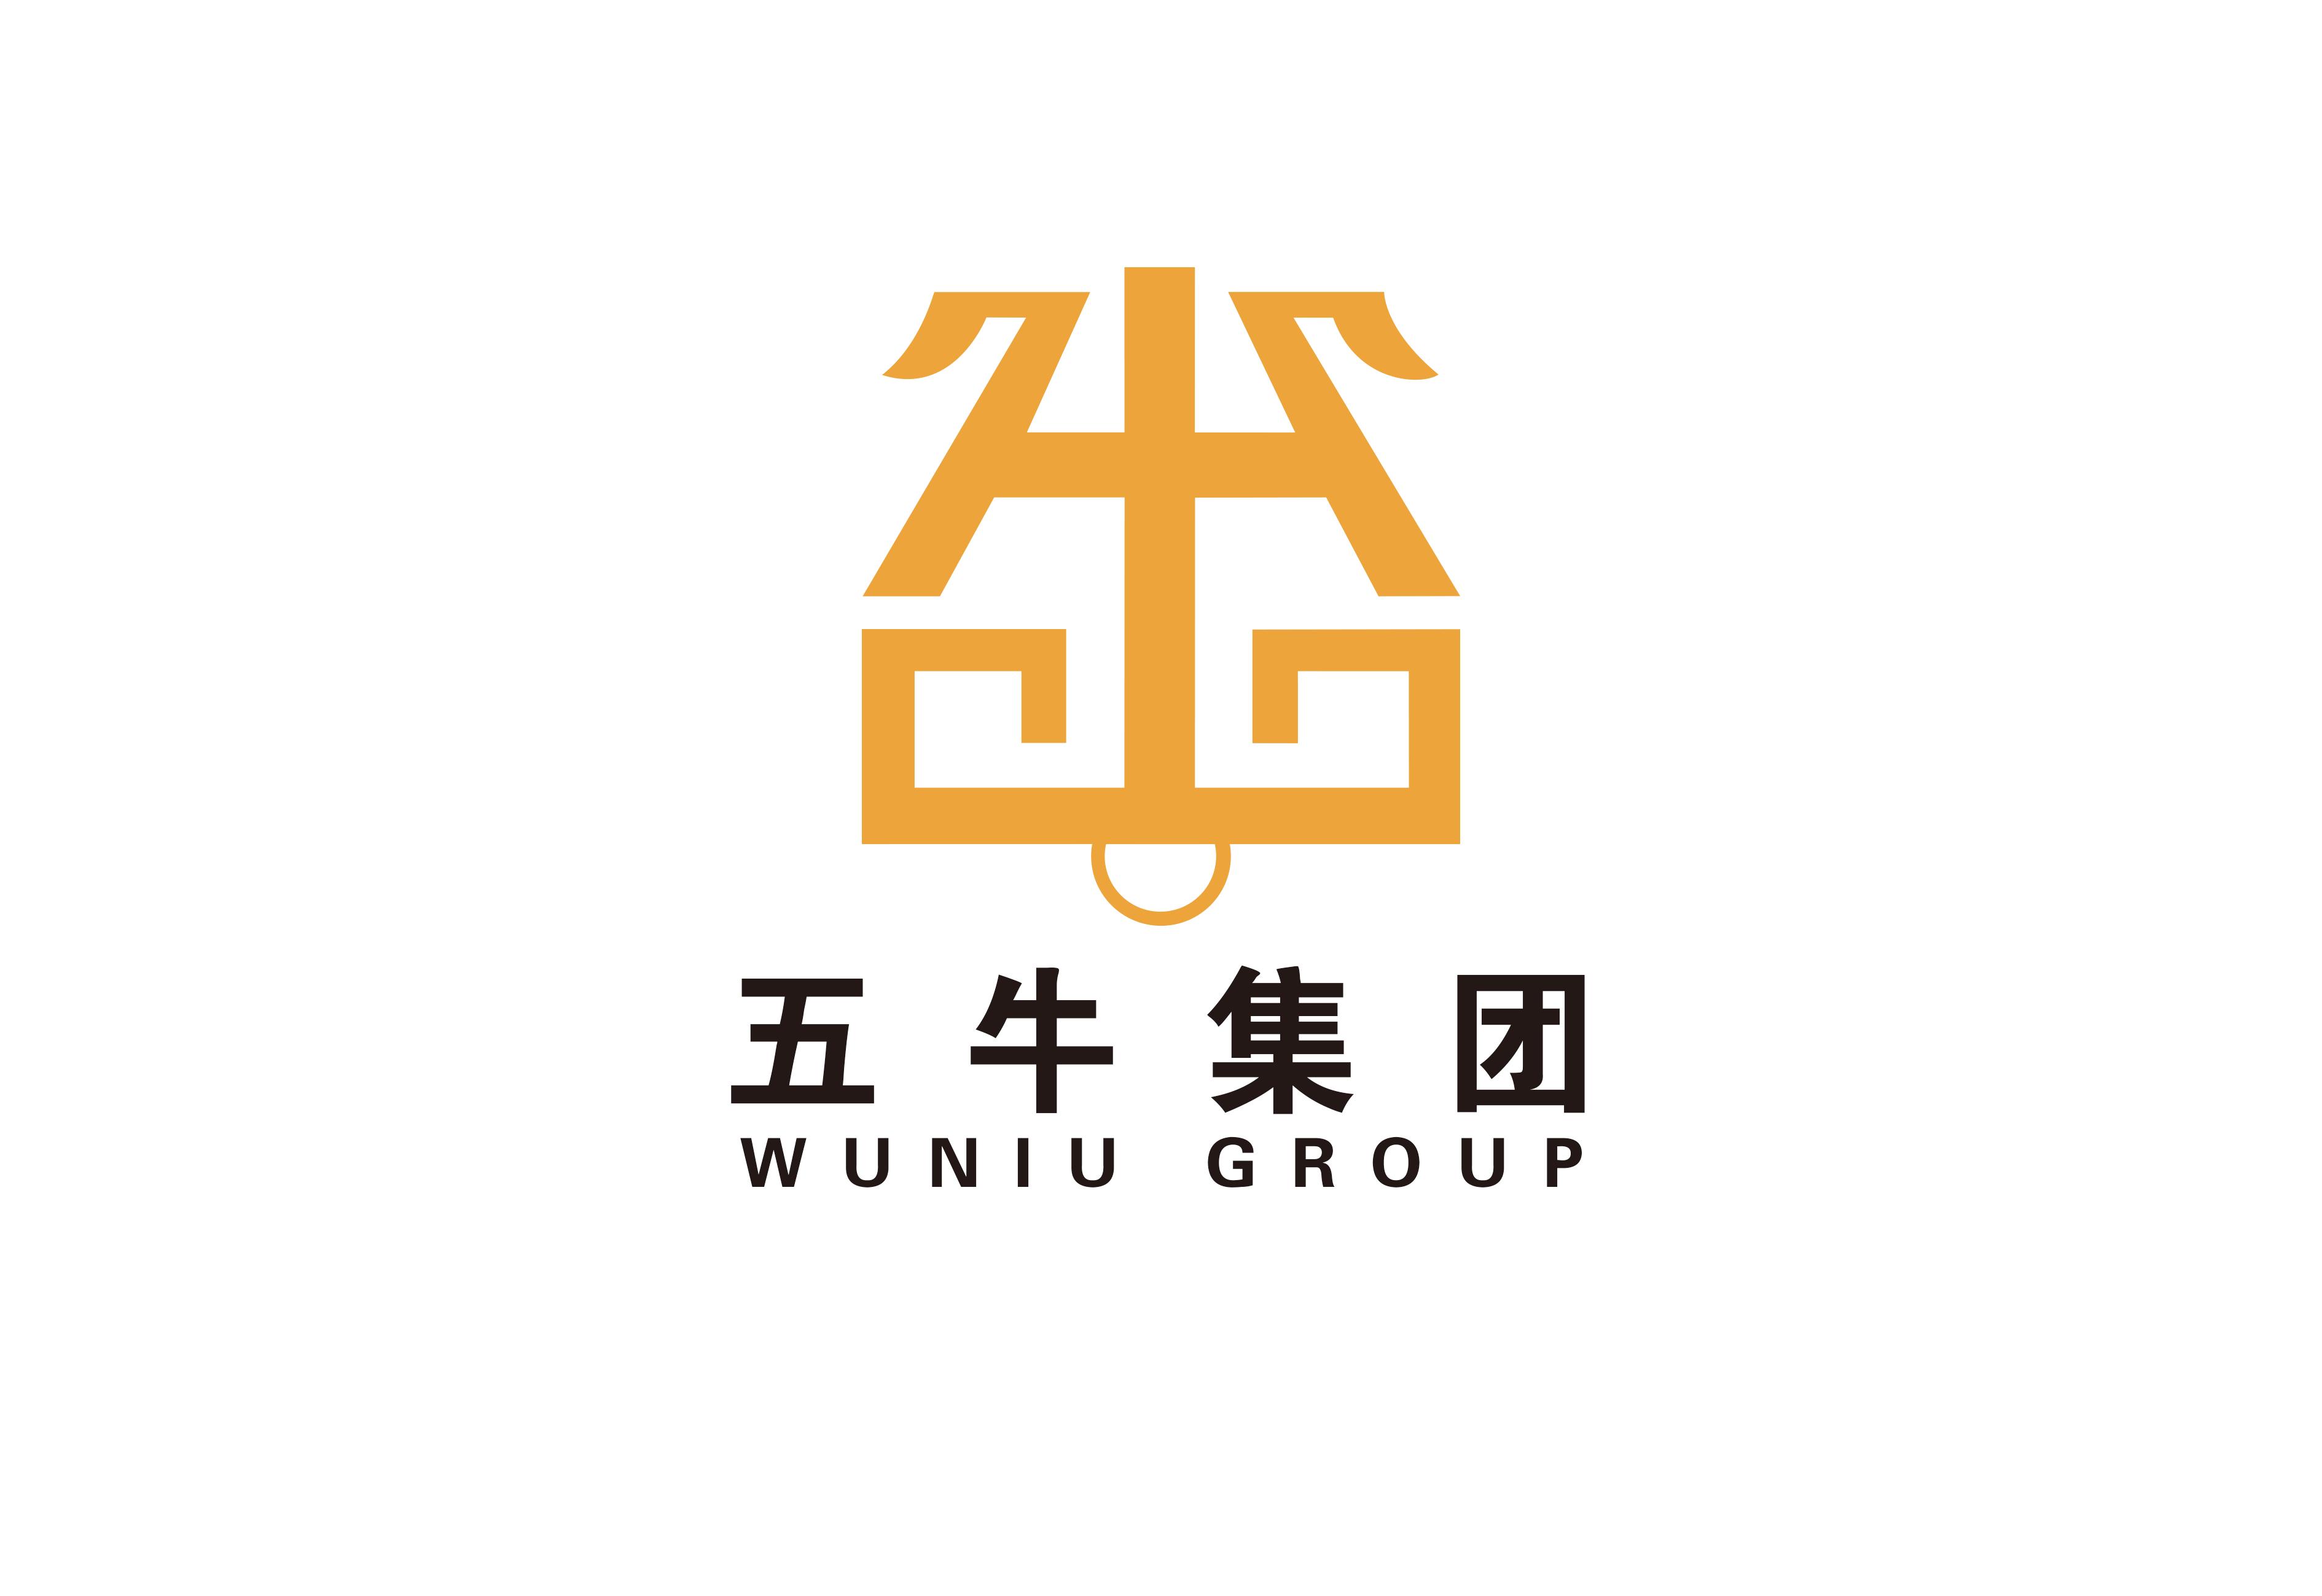 浙江五牛控股集团有限公司logo